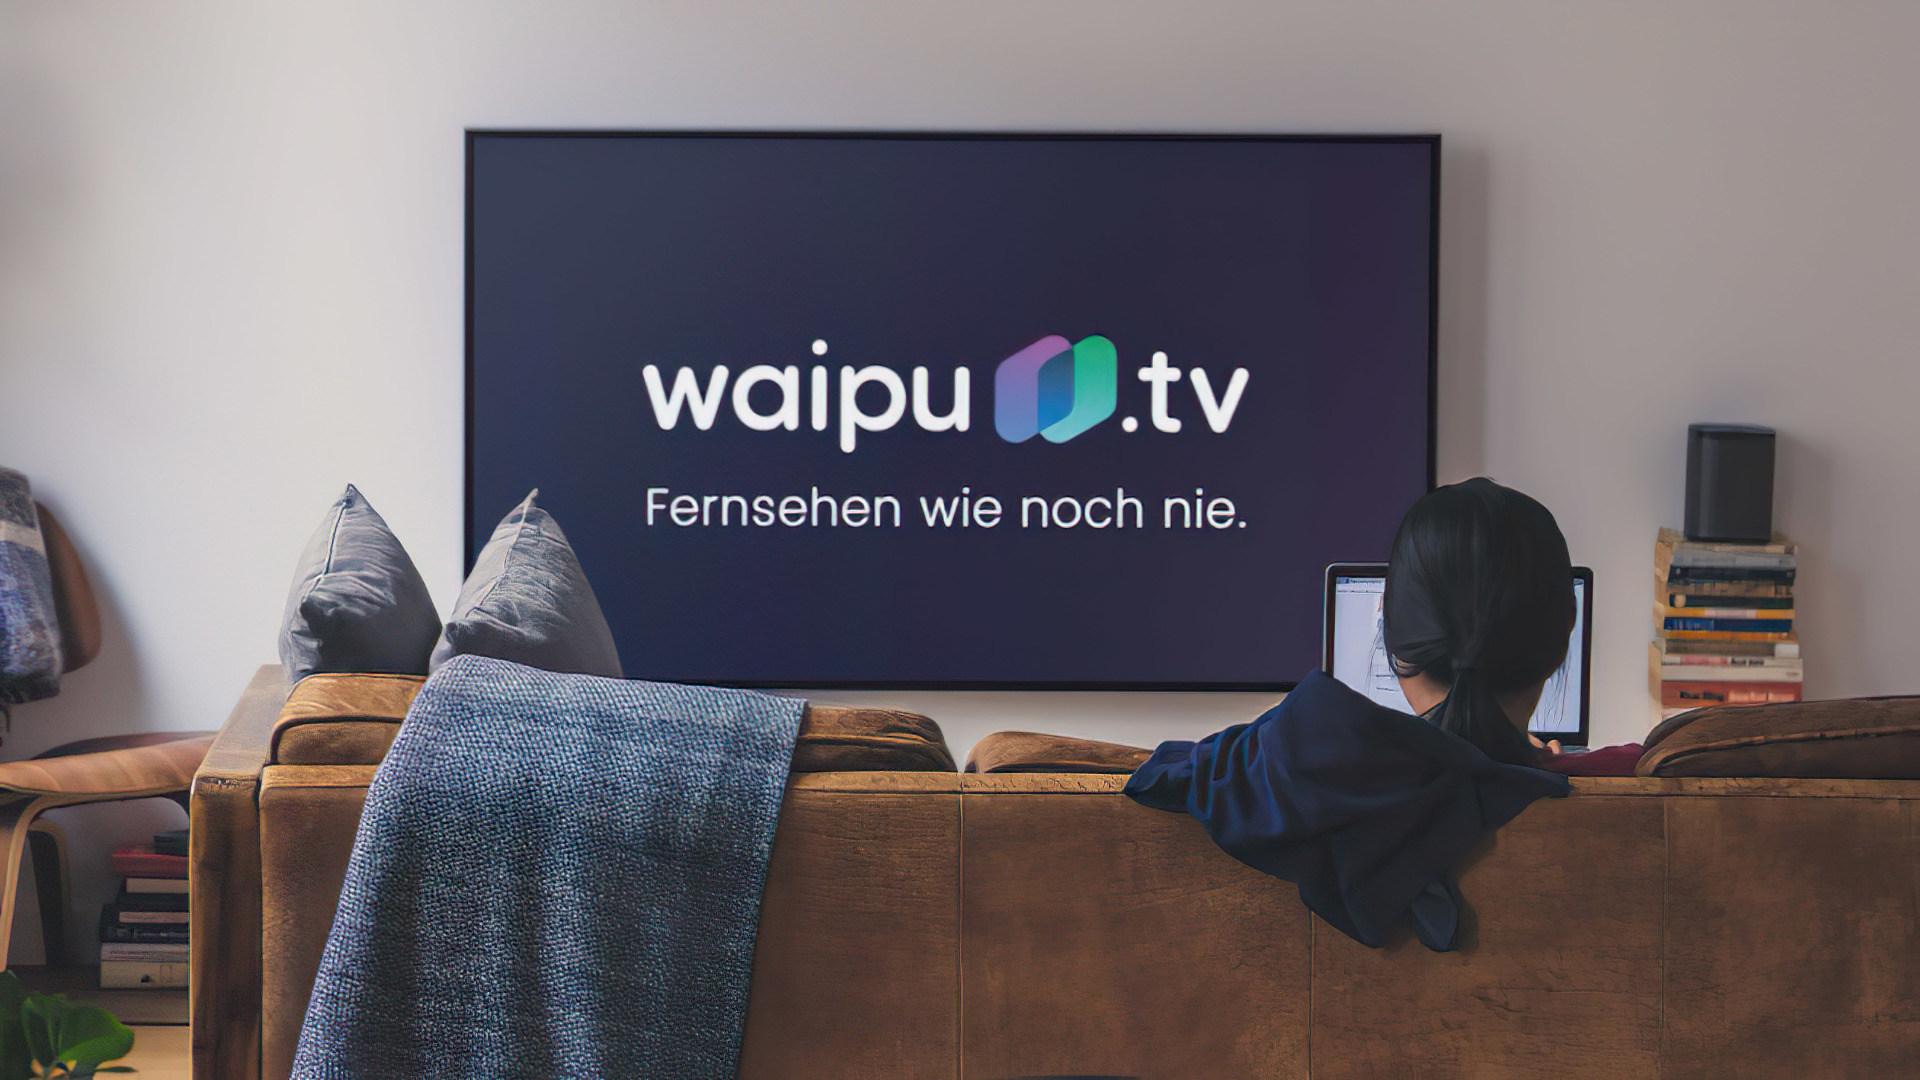 Streaming, Tv, Fernsehen, Waipu.tv, waipu